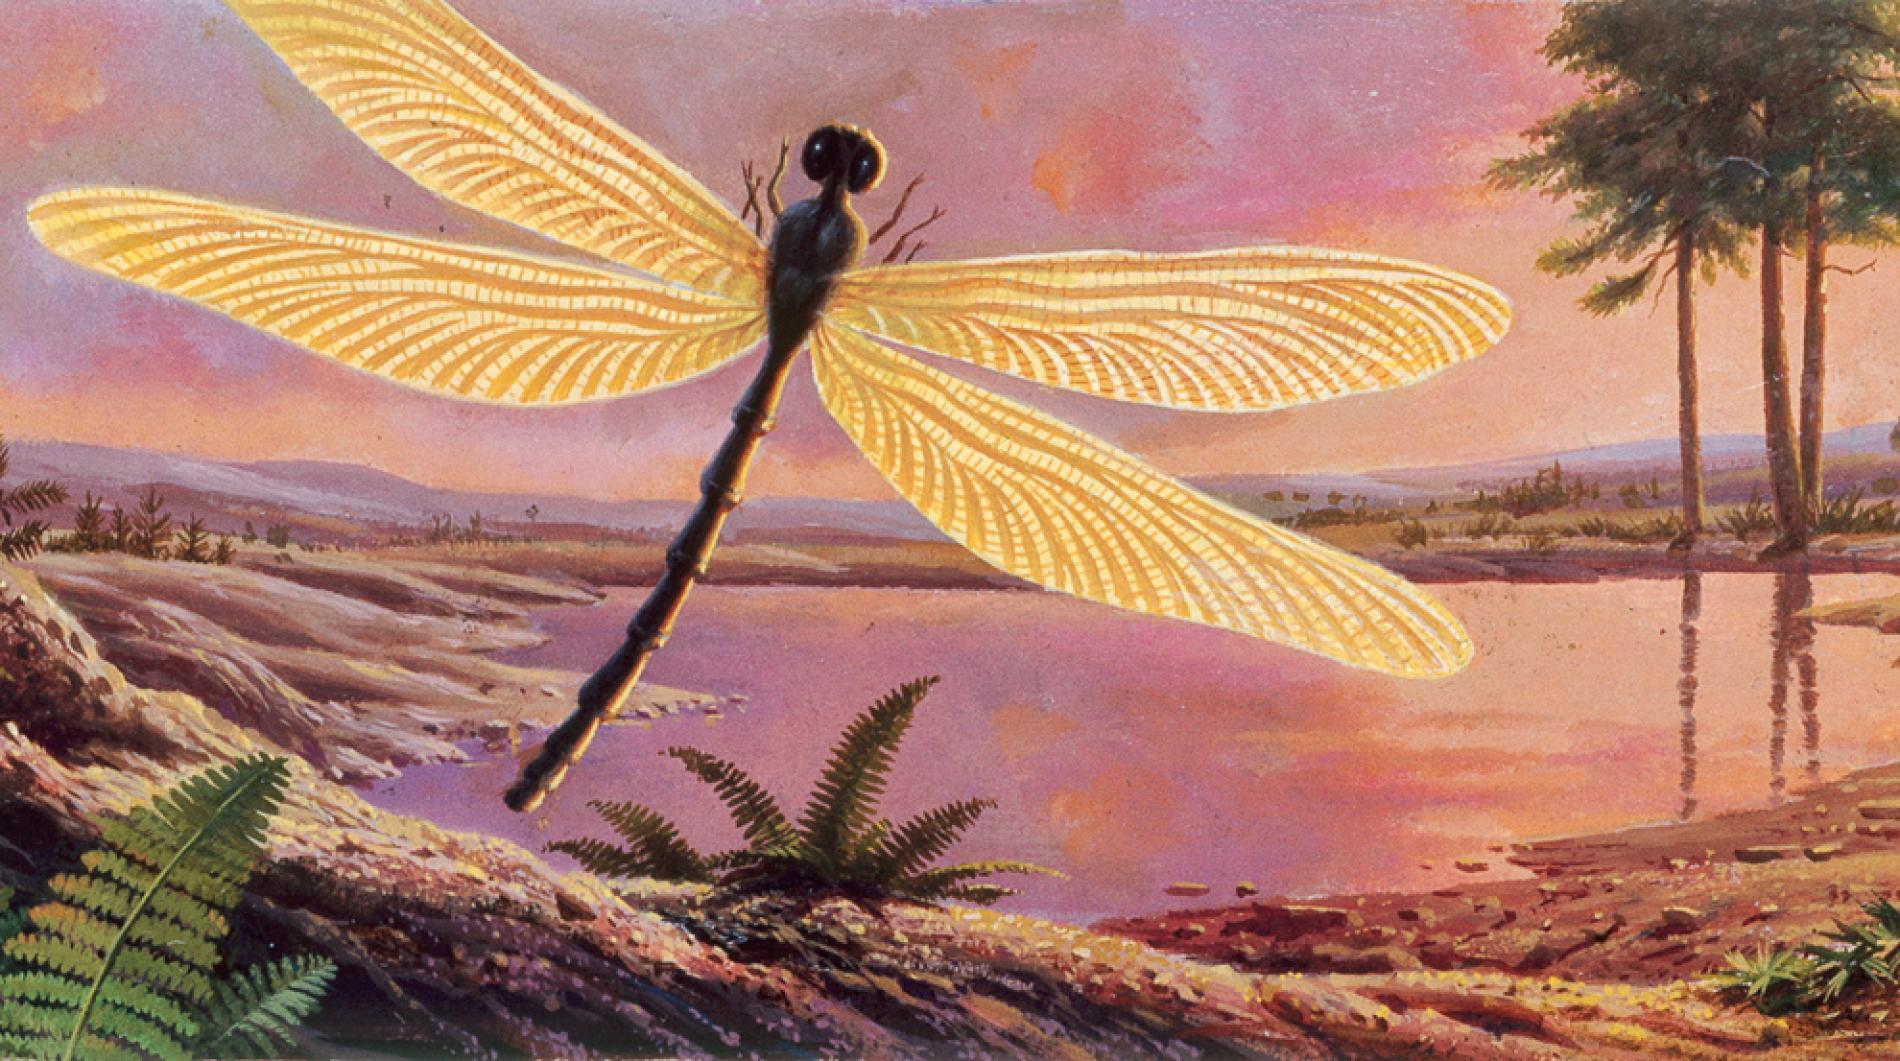 Tất cả những gì bạn muốn biết về côn trùng khổng lồ thời tiền sử